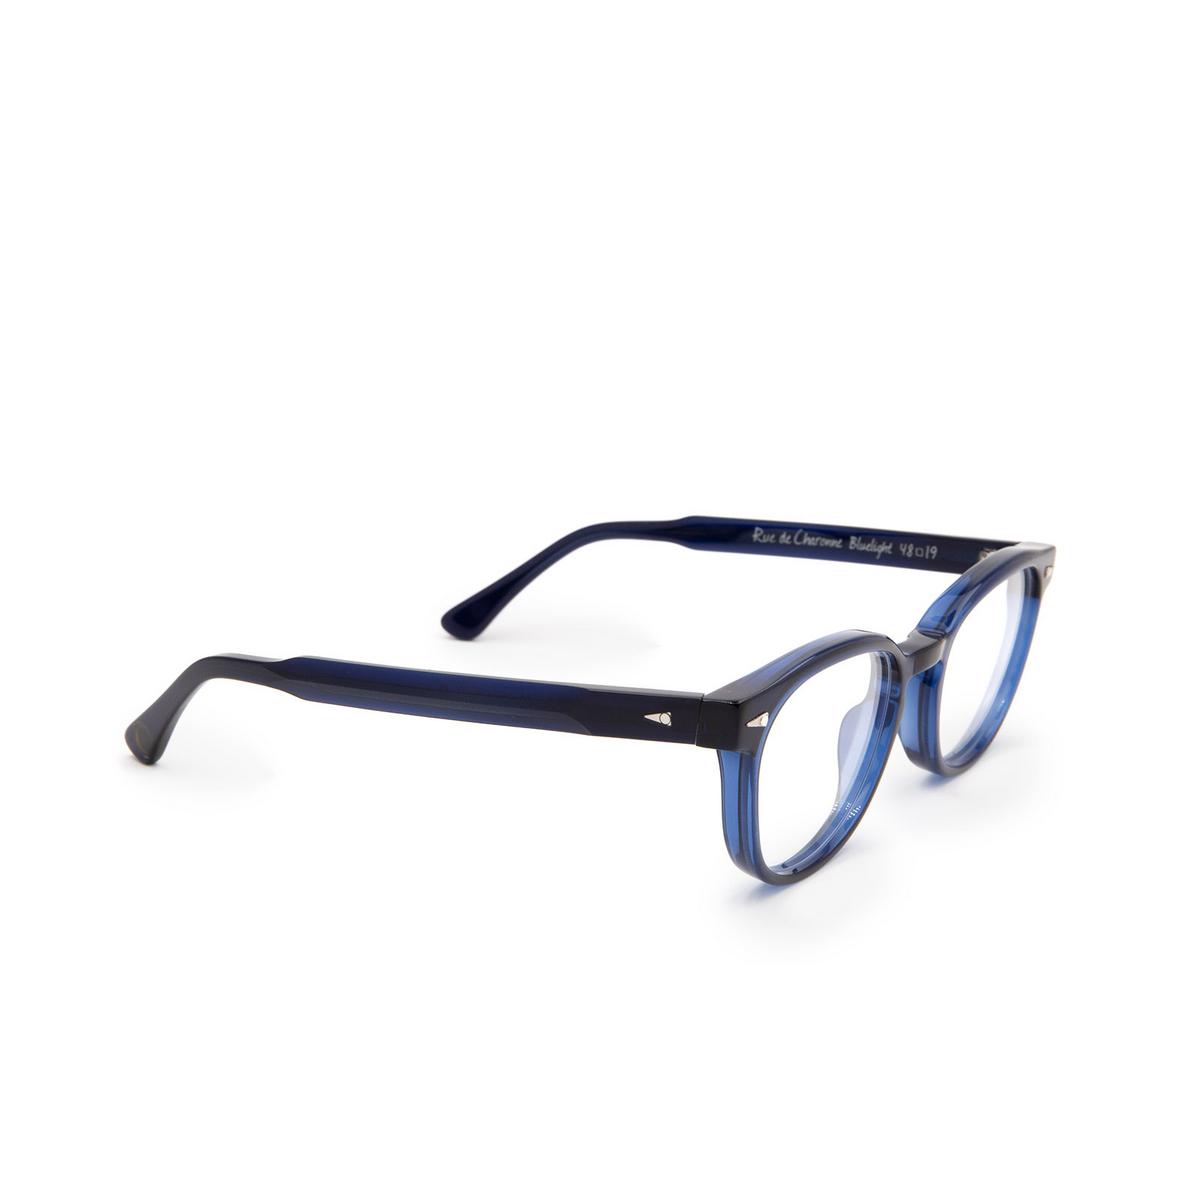 Ahlem® Square Eyeglasses: Rue De Charonne color Bluelight.